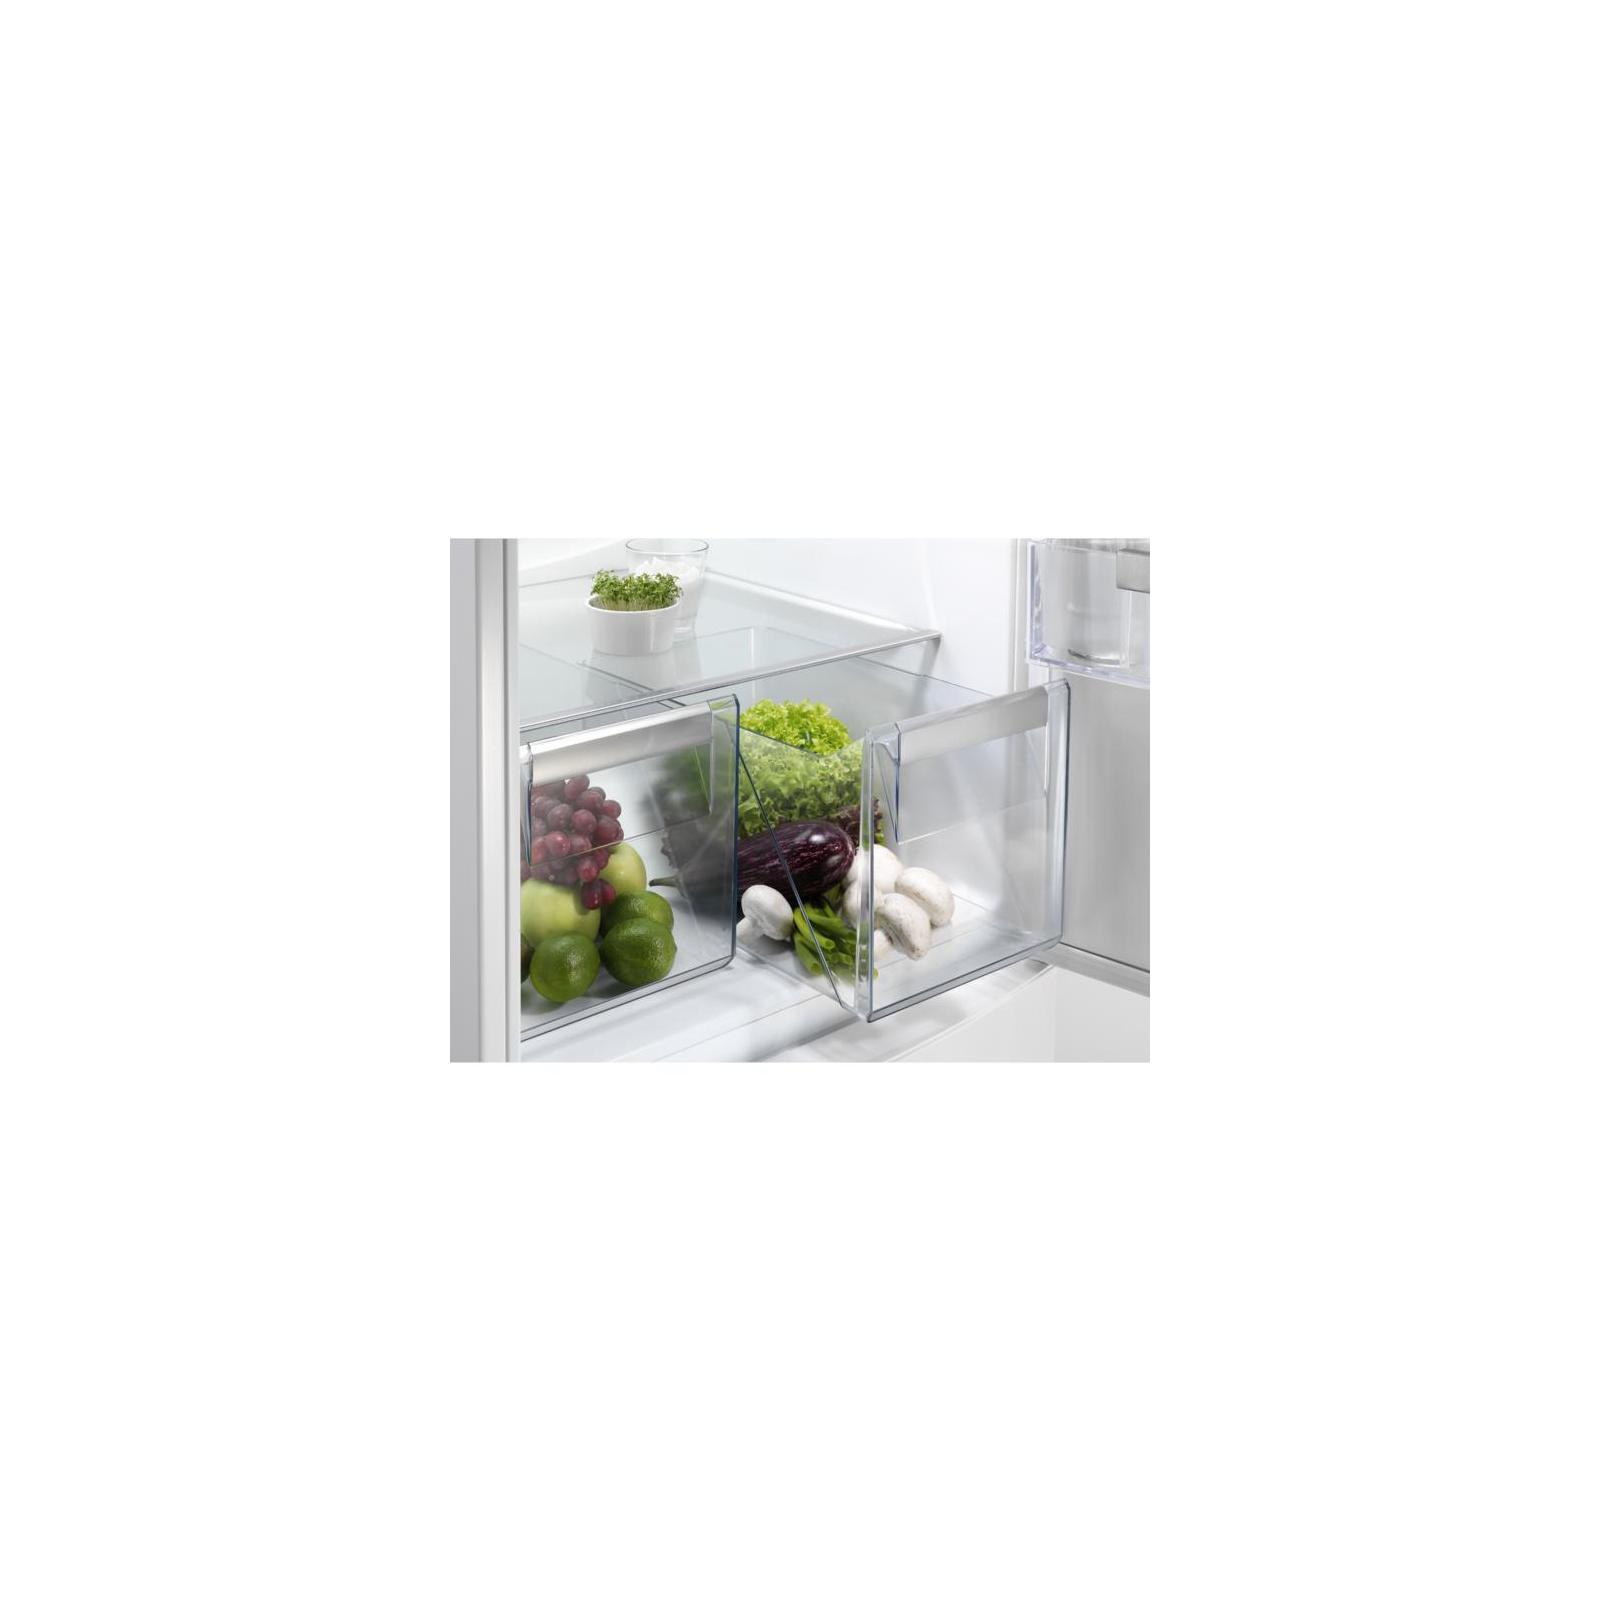 Холодильник ELECTROLUX EN3452JOX изображение 5